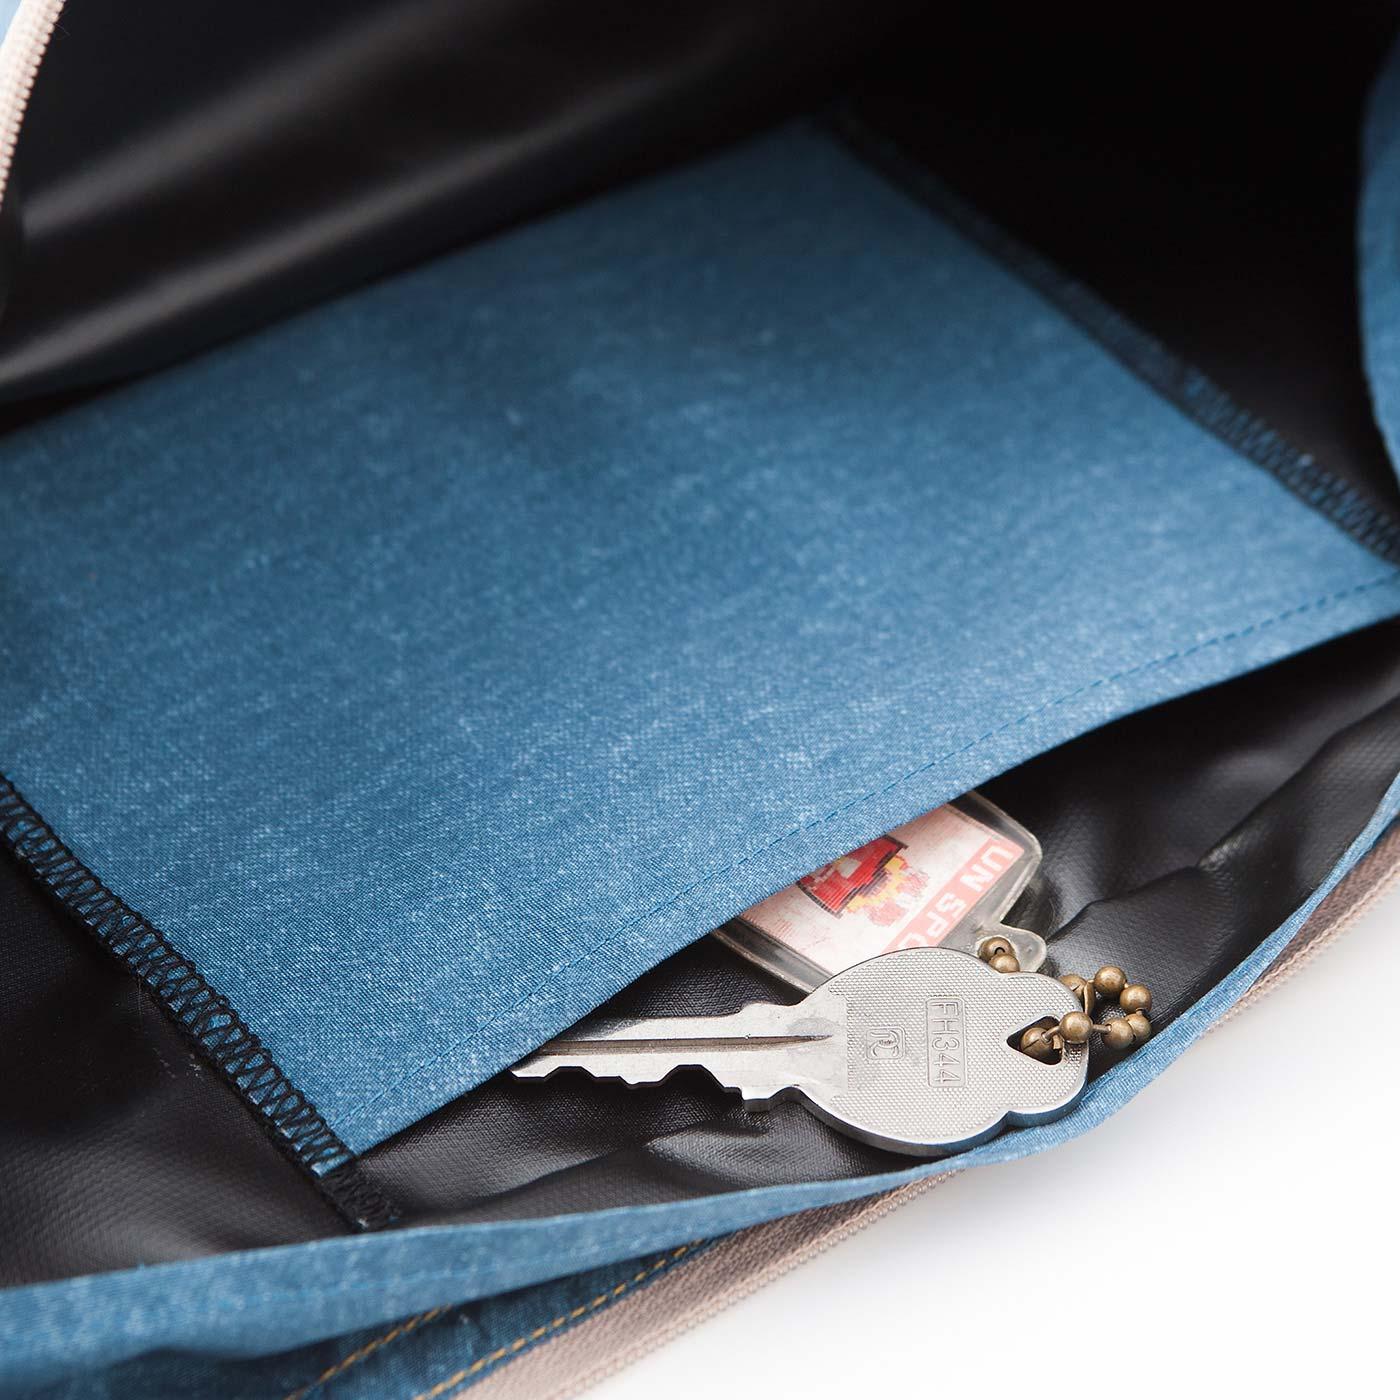 内ポケット付き。細かなものは分けて収納。